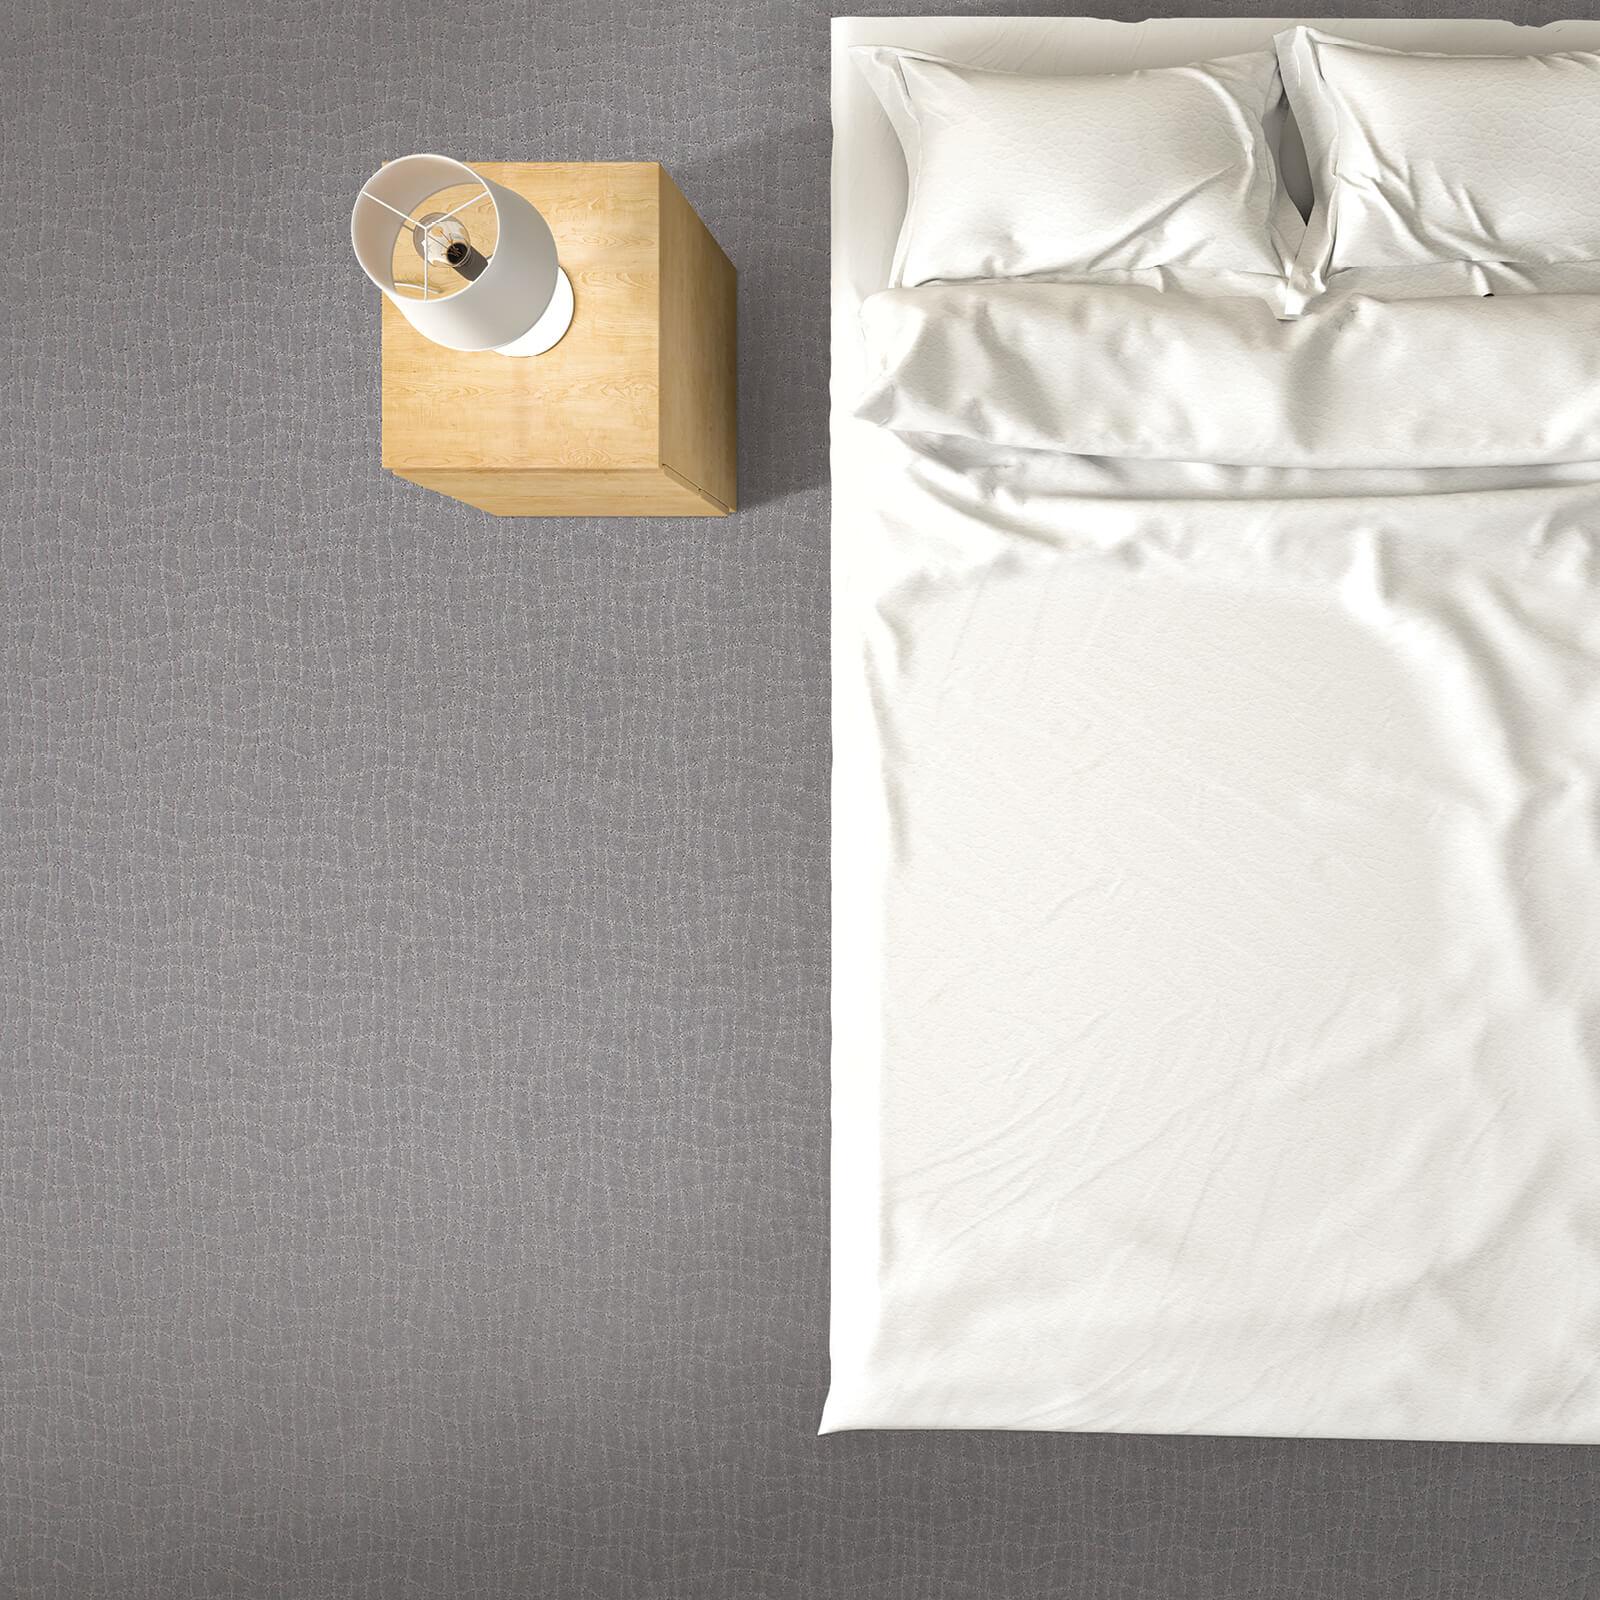 Posh appeal of bedroom | Flooring by Wilson's Carpet Plus